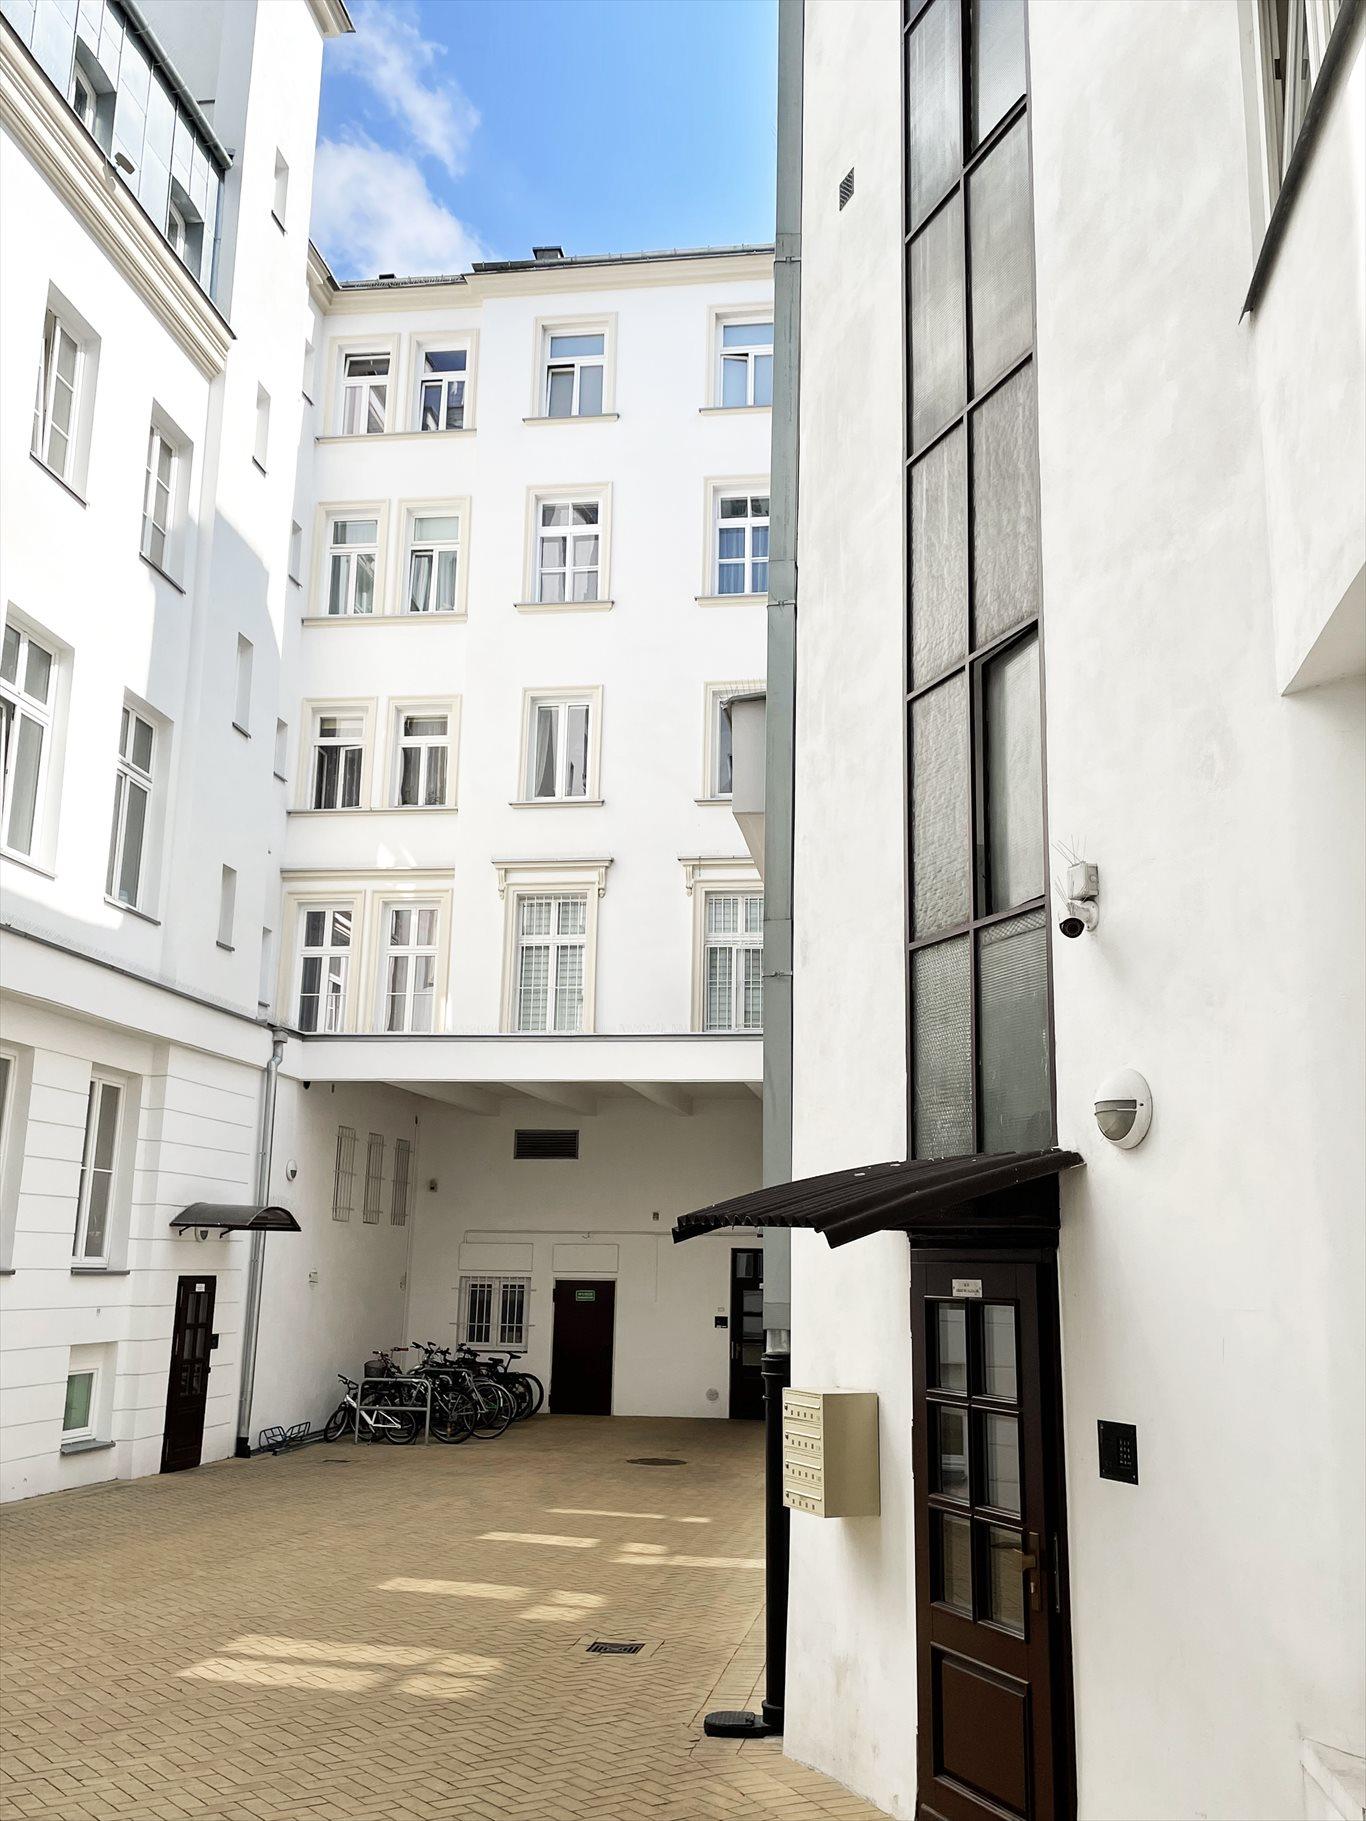 Lokal użytkowy na wynajem Warszawa, Śródmieście, Marszałkowska 56  65m2 Foto 9